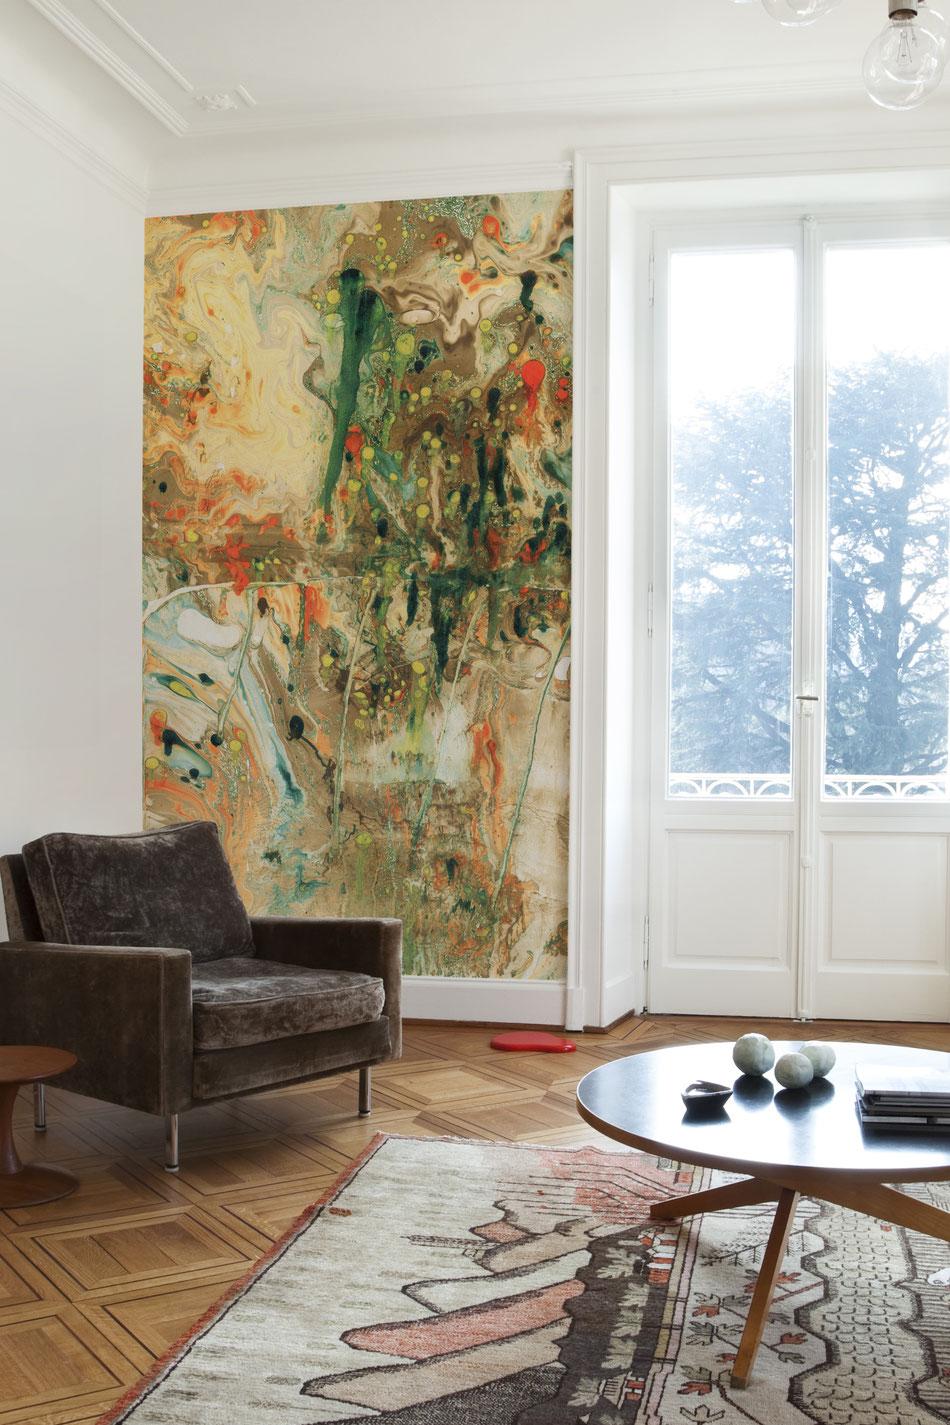 Tapete Suminagashi No 3 - Raumbild mit großem Fenster, Sessel und Tisch